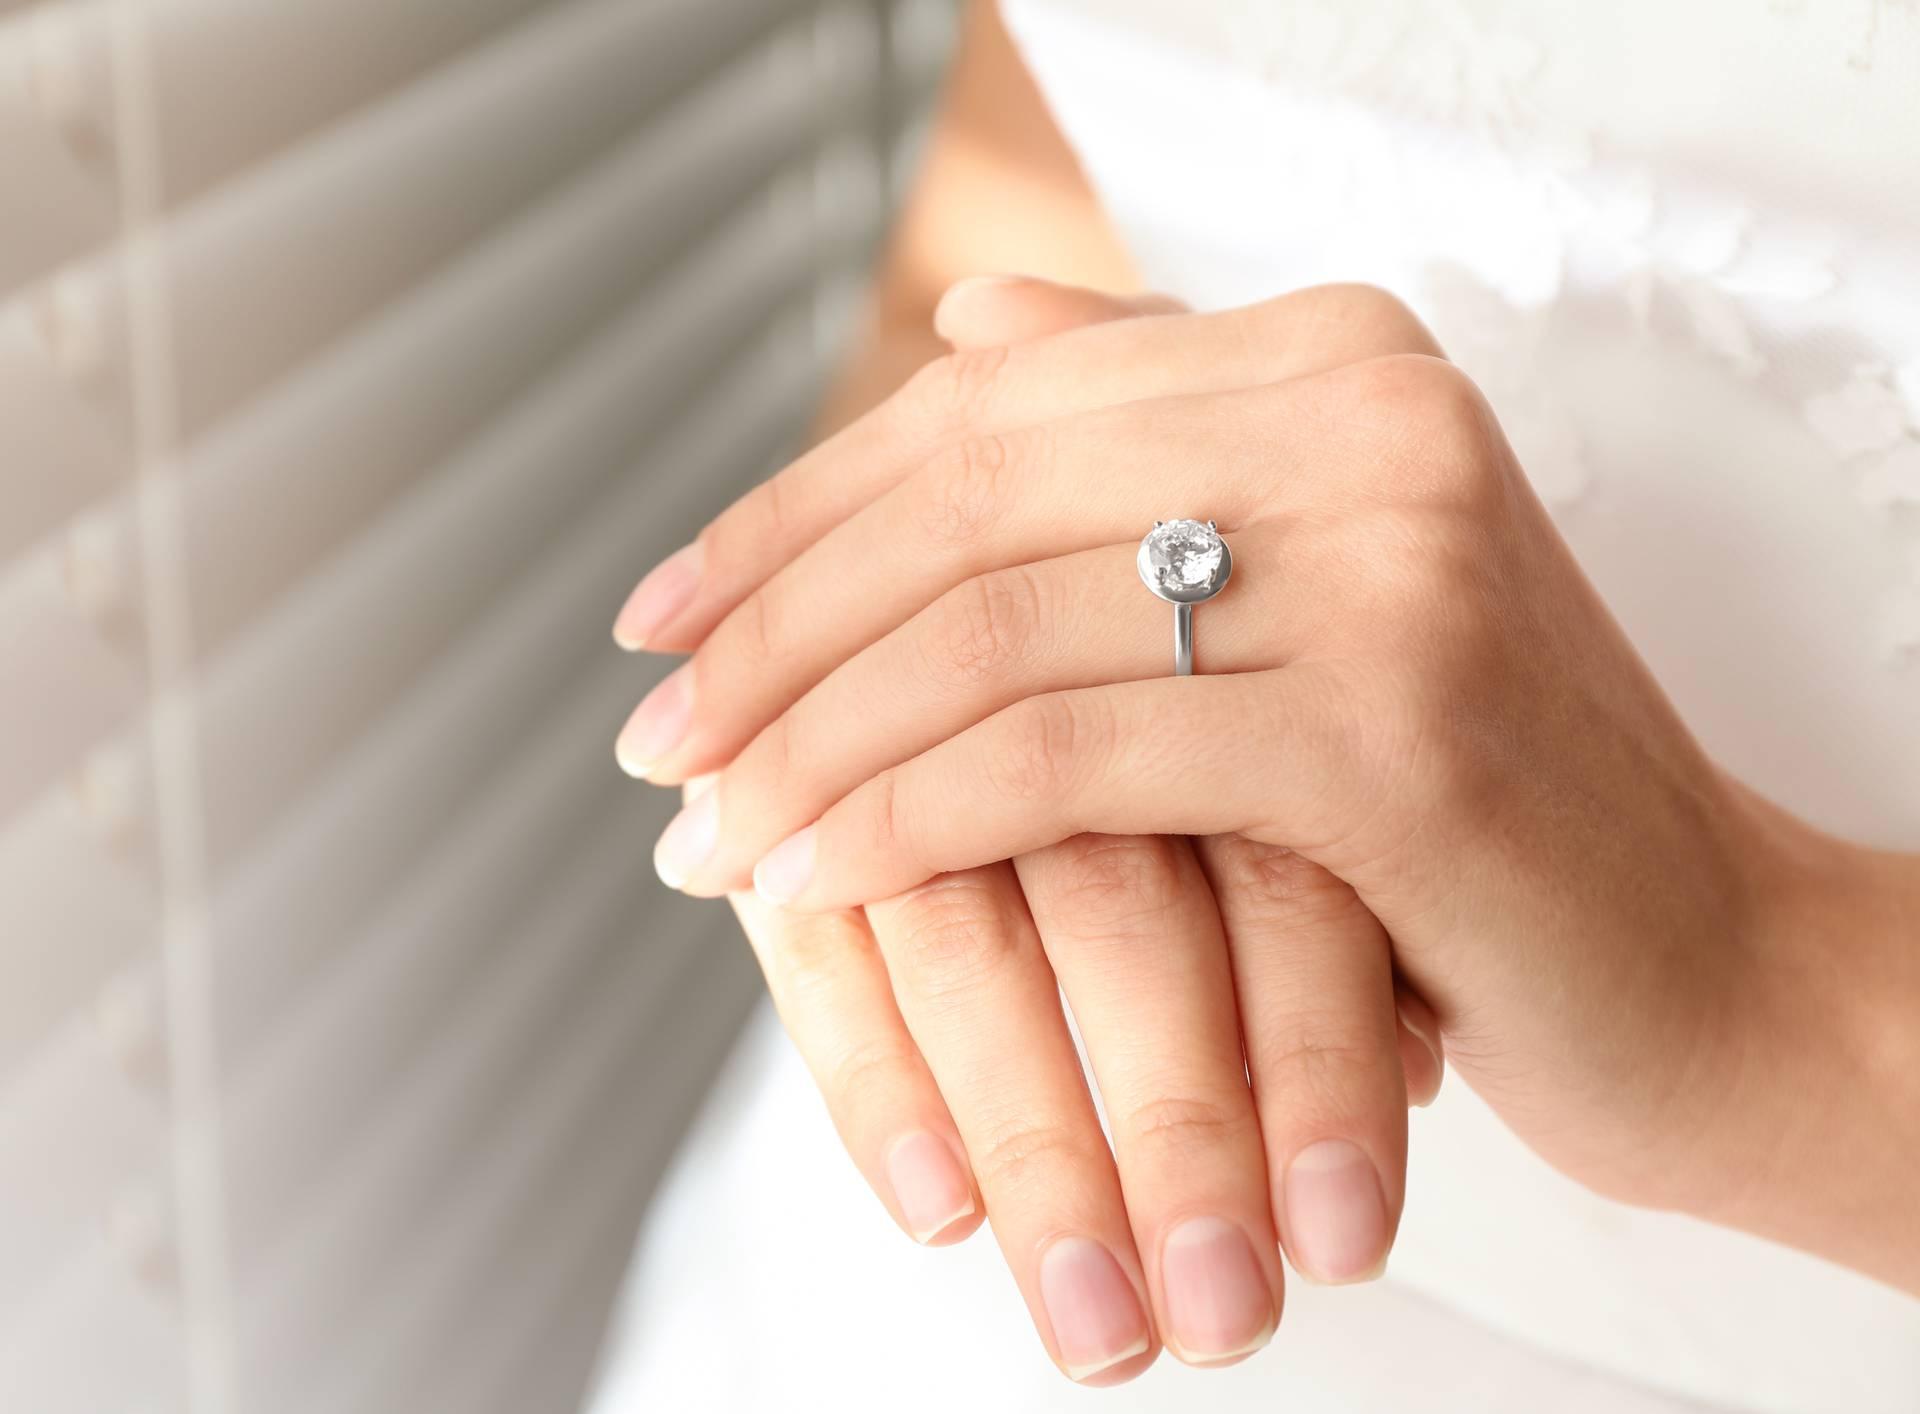 12 vjenčanih kuma priznalo: Najneugodnija stvar koju smo doživjele od mladenke